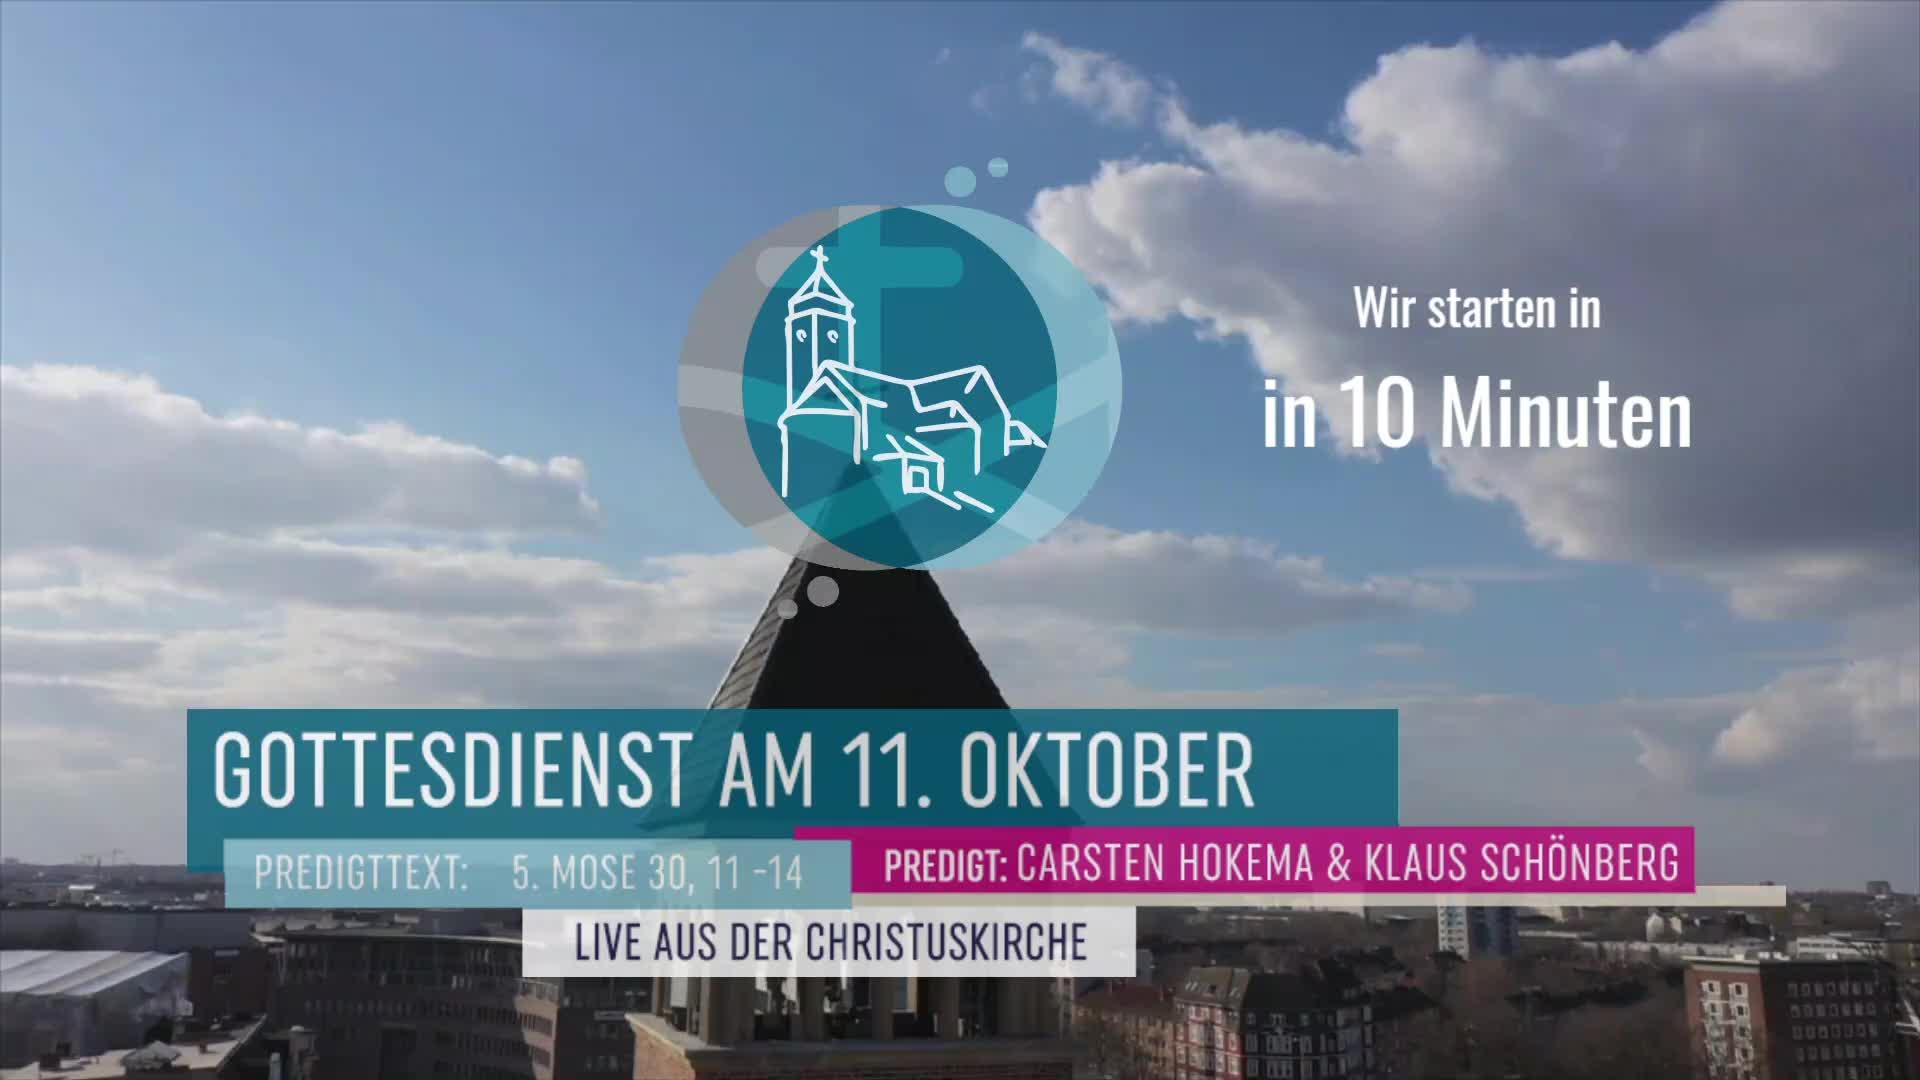 Gottesdienst am 11. Oktober - Livestream aus der Christuskirche Altona